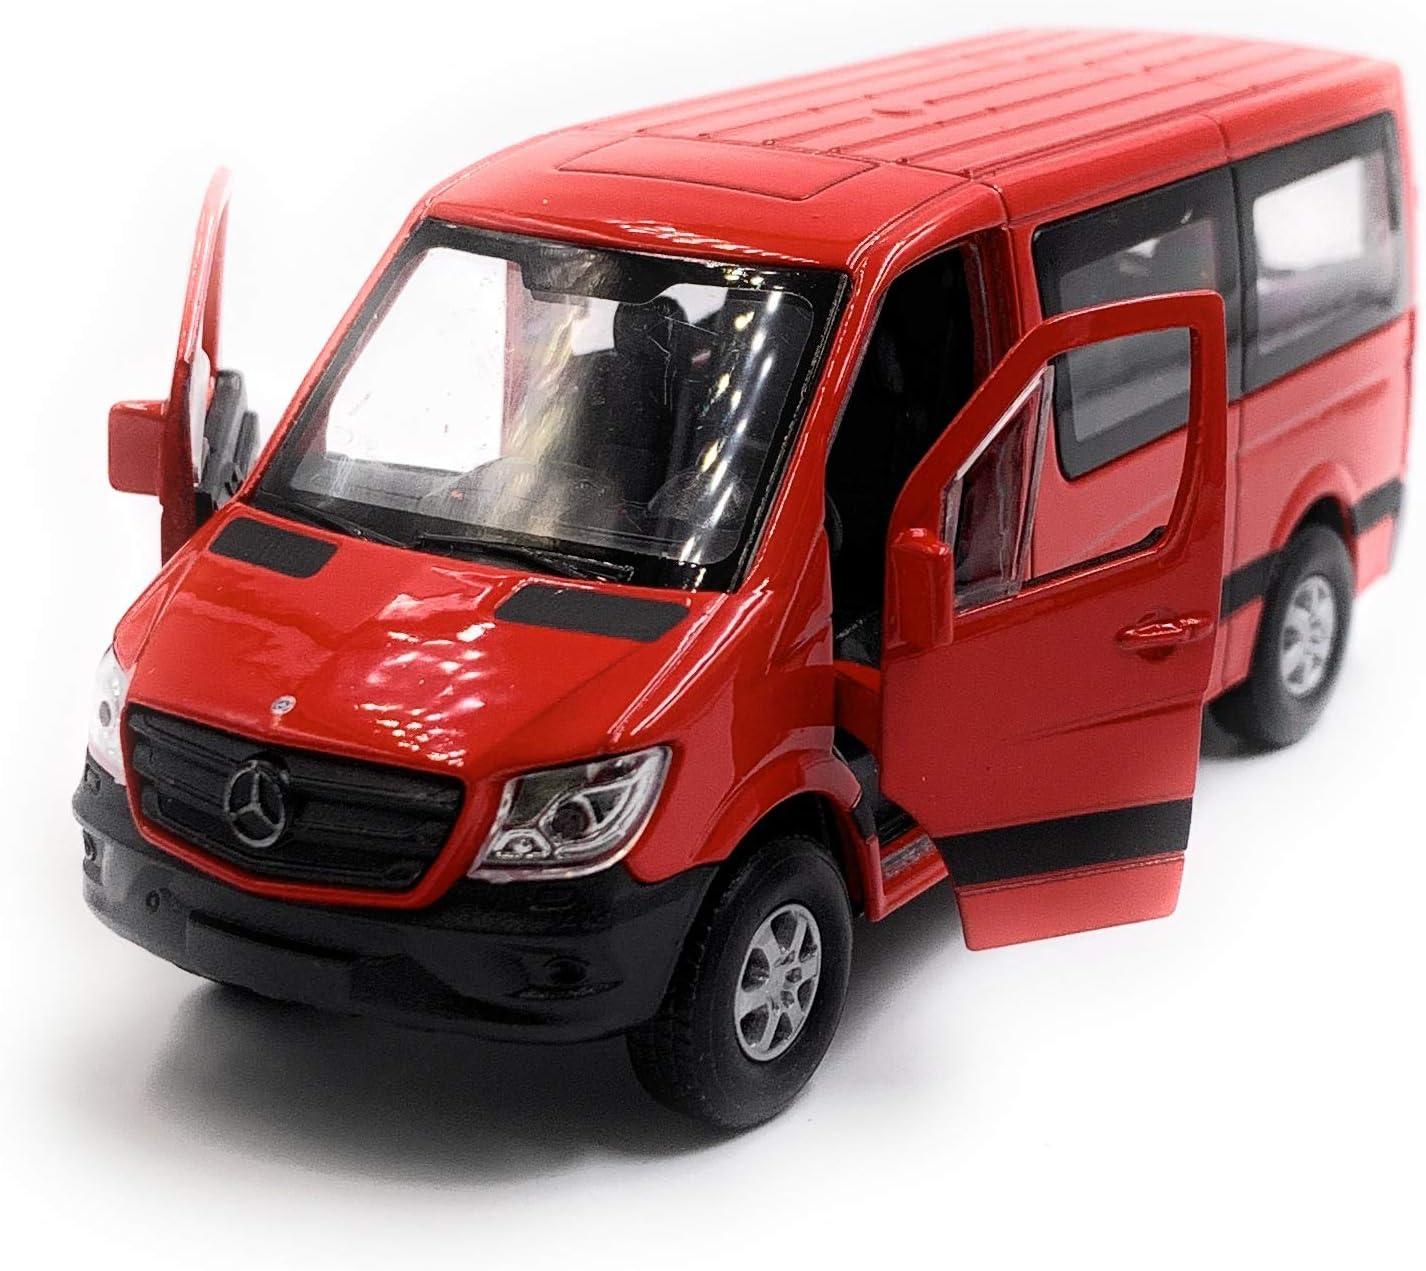 Onlineworld2013 Sprinter Mit Fenster Rot Modellauto Auto Maßstab 1 34 Lizensiert Auto